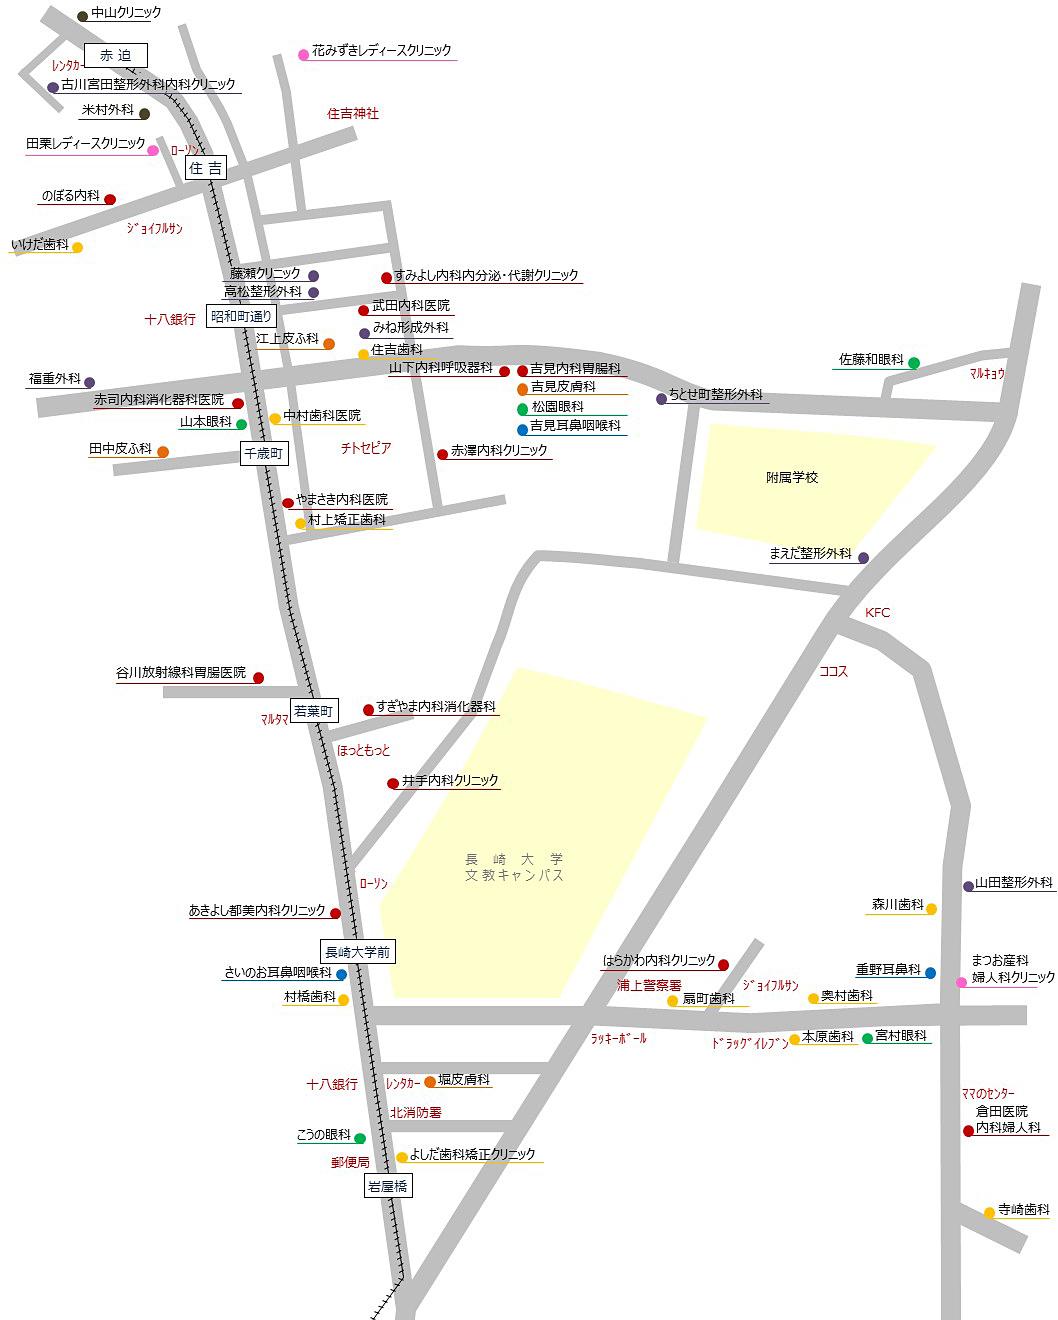 文教キャンパス周辺の医療機関マップ